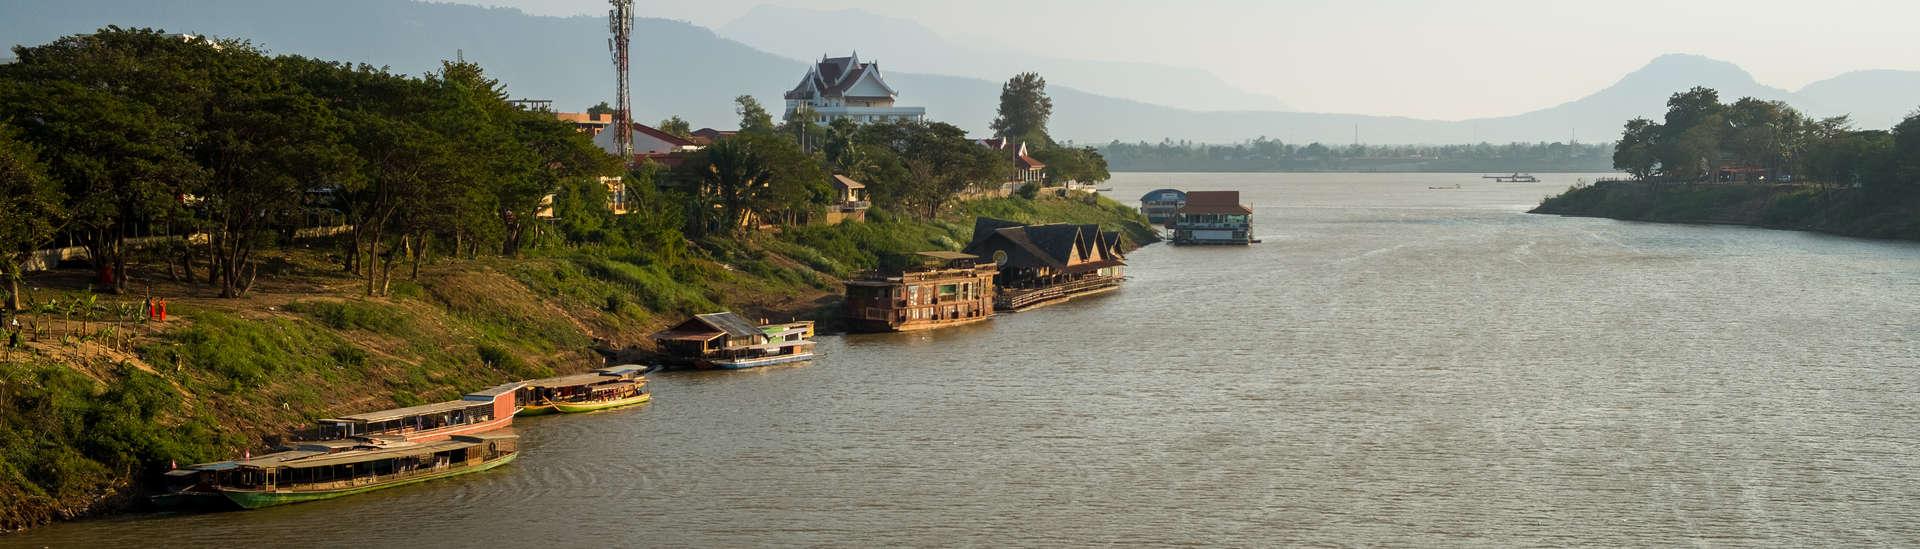 Laos.2017-171.jpg